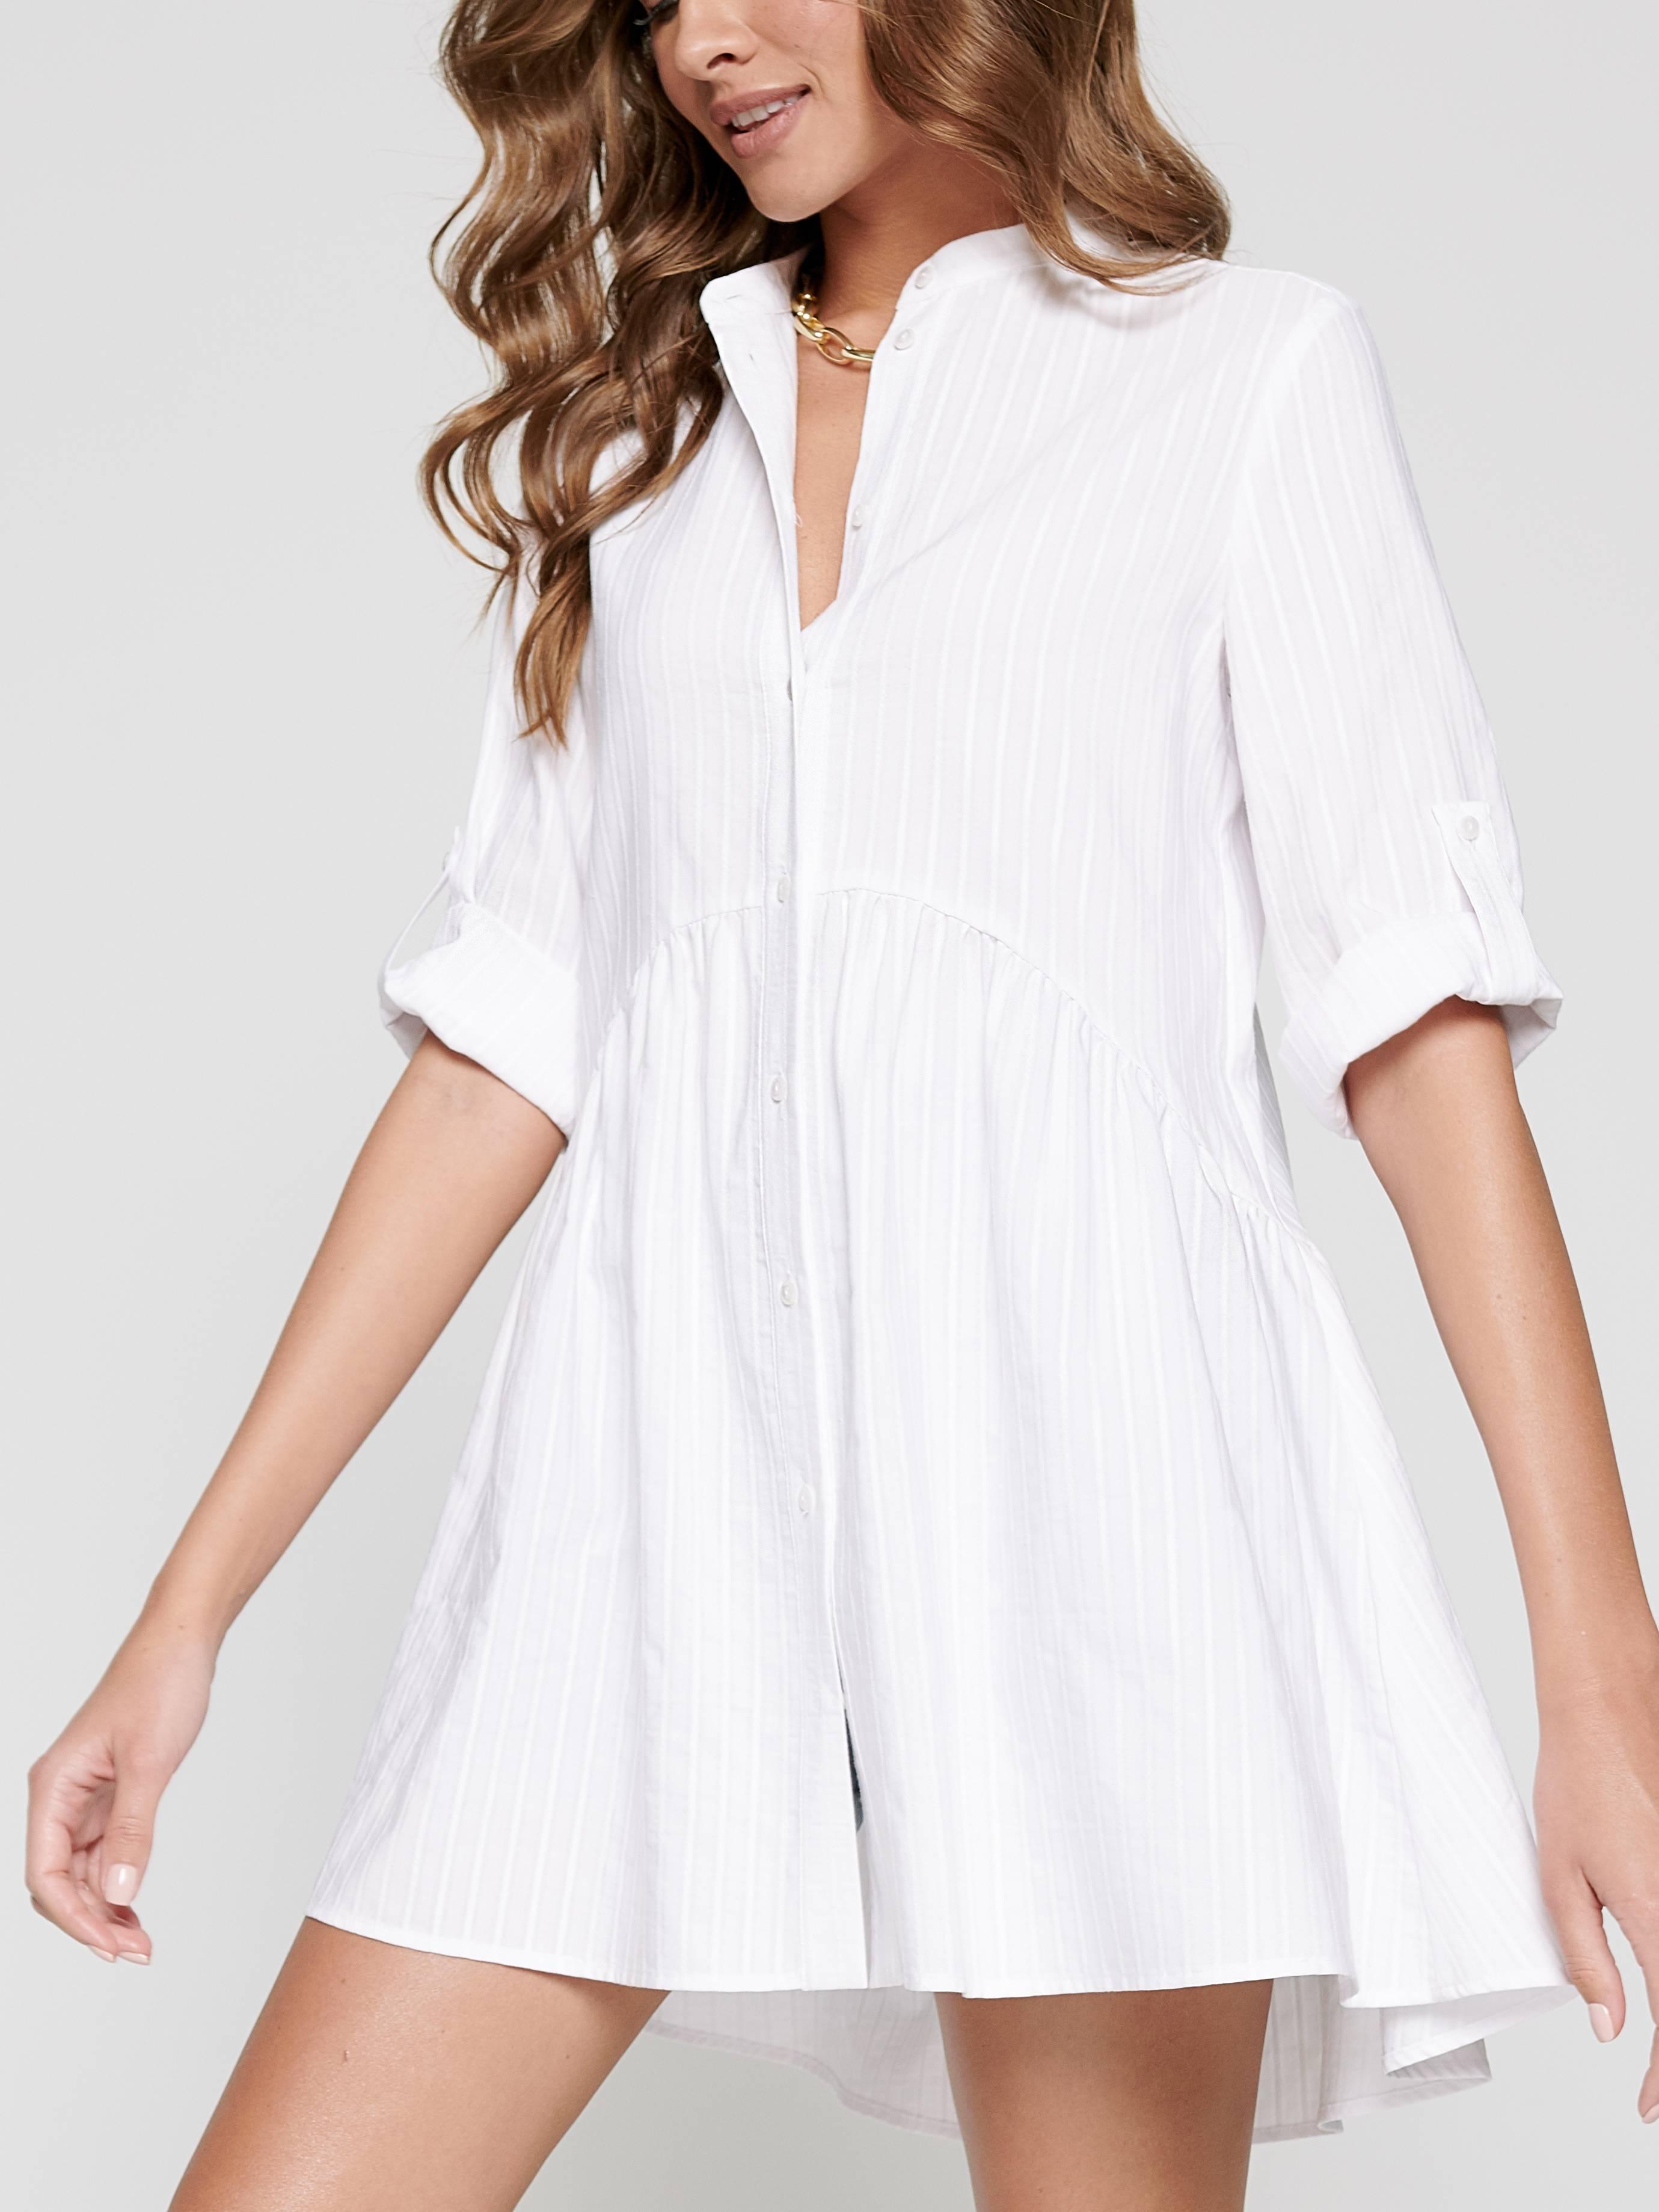 Туника женская ⭐️ Туника-рубашка А-силуэта из хлопка премиального качества LTH 1101 ⭐️